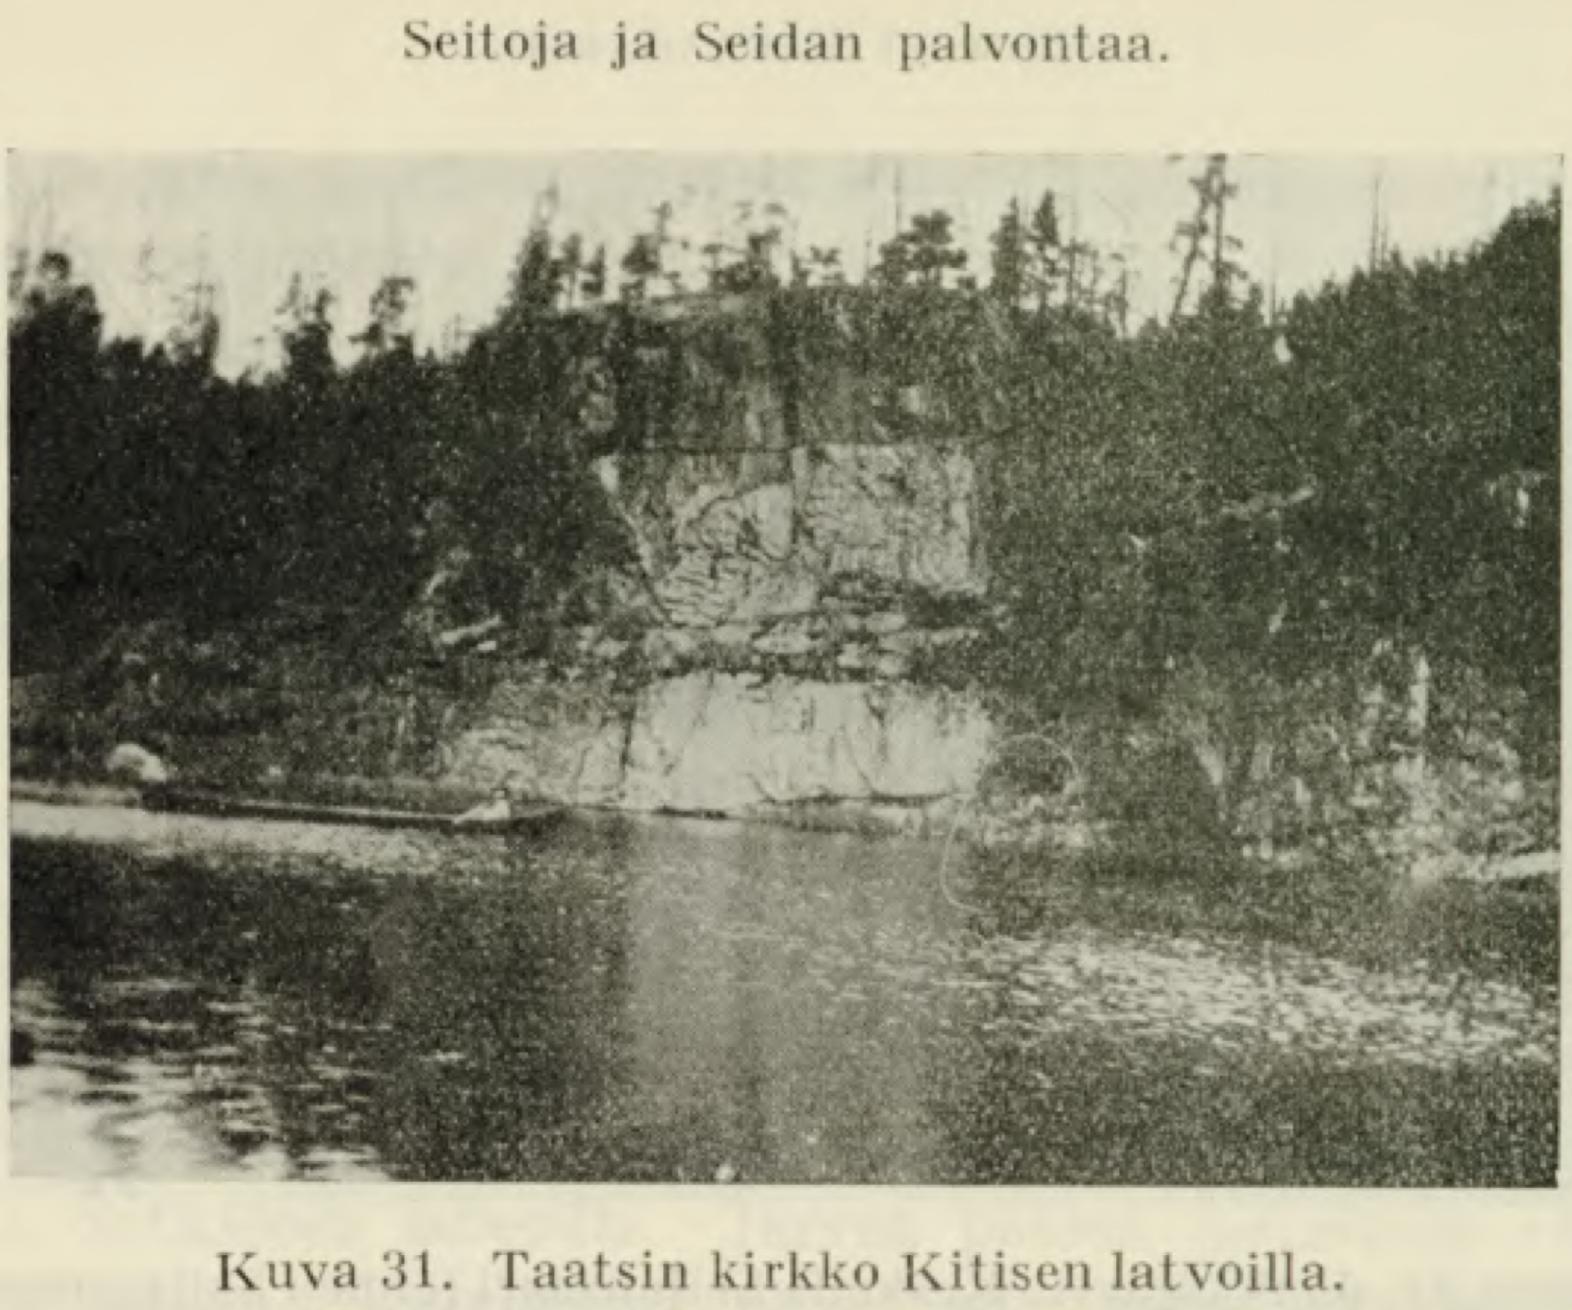 Lähde:  Samuli Paulaharju: Seitoja ja Seidan palvontaa (1932) SKS / Suomalaisen kirjallisuuden seura